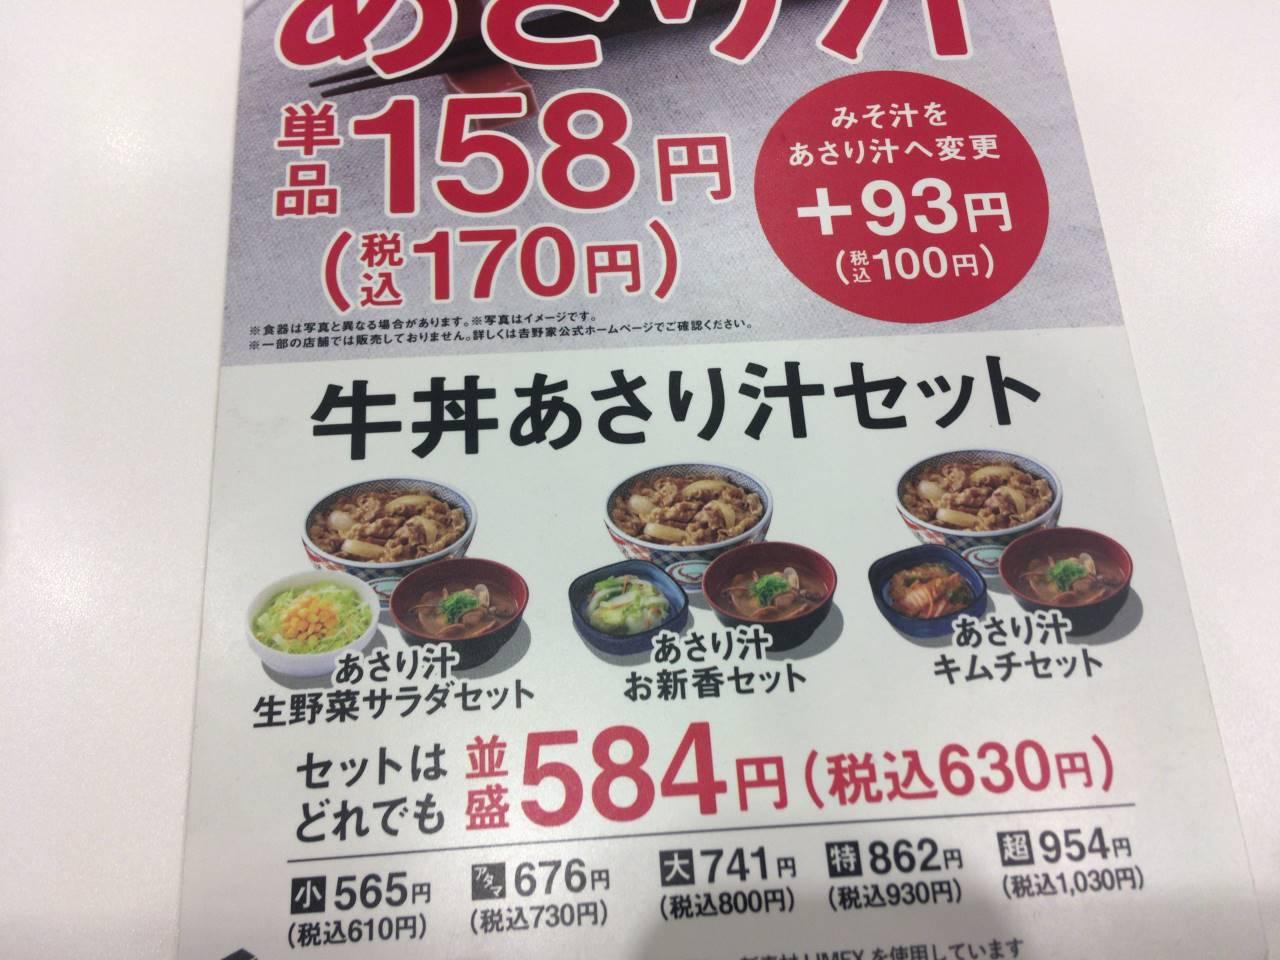 牛丼あさり汁セット:吉野家のメニュー